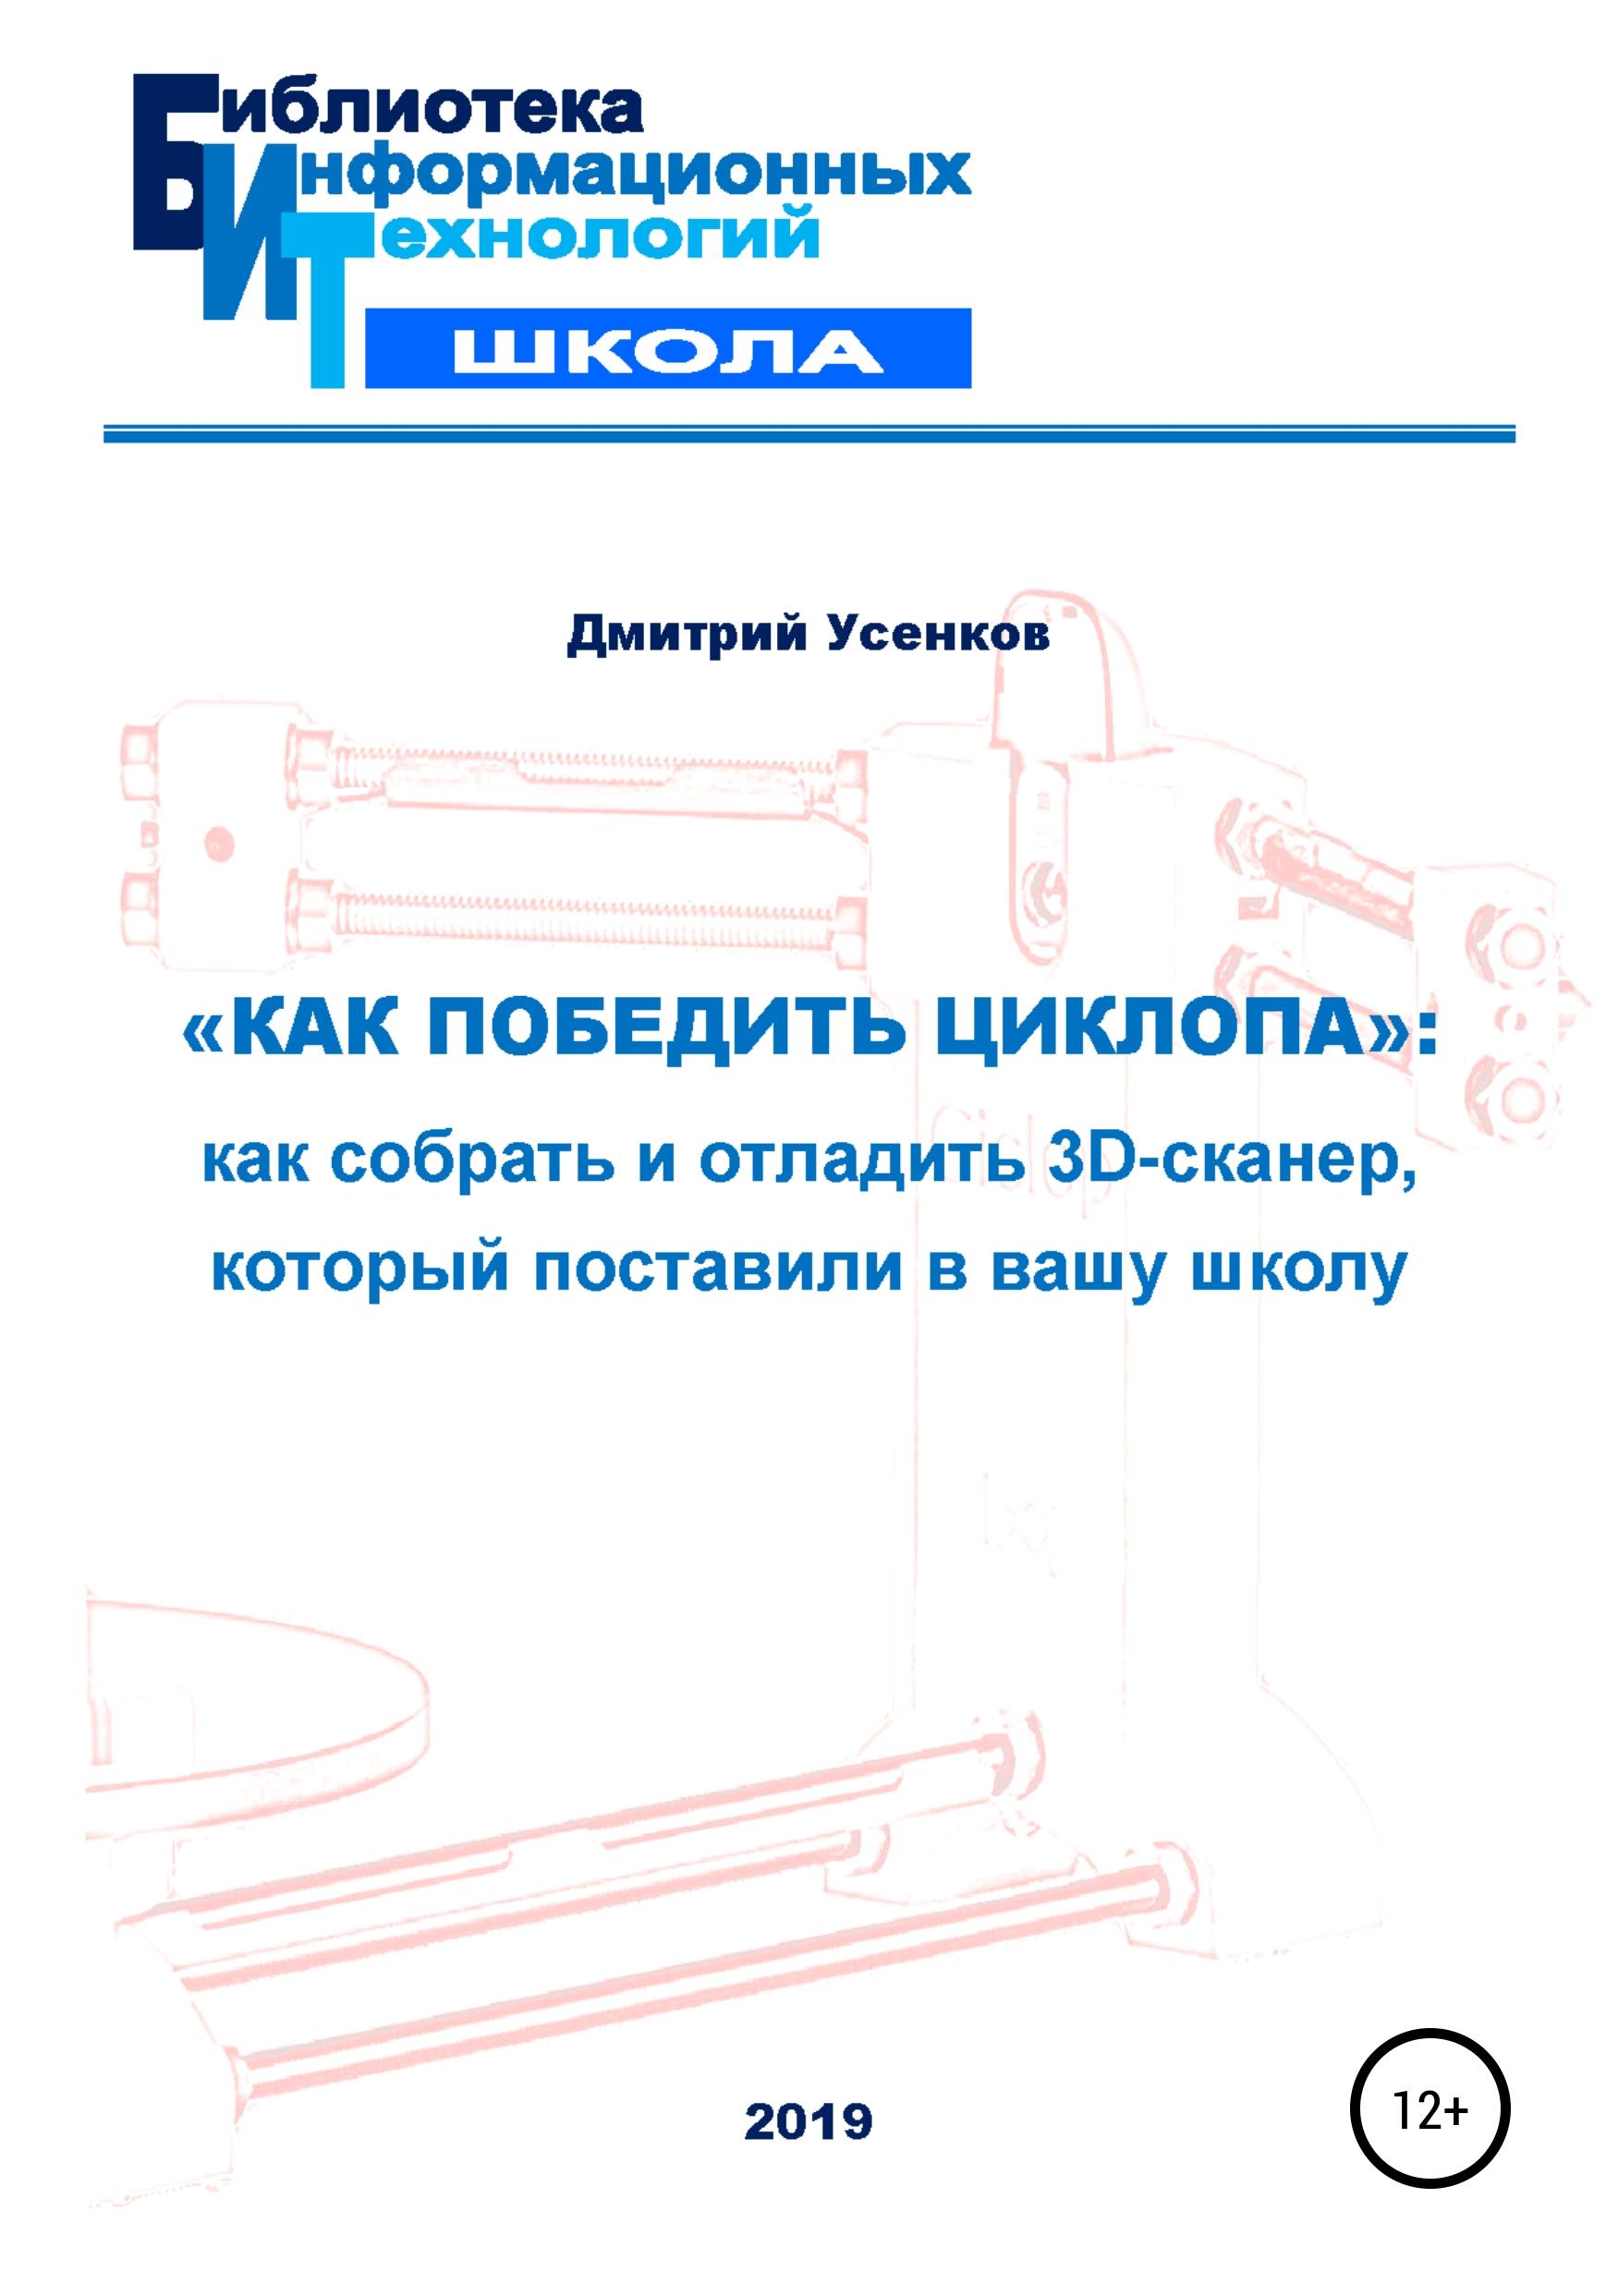 Дмитрий Юрьевич Усенков «Как победить циклопа»: как собрать и отладить 3D-сканер, который поставили в вашу школу